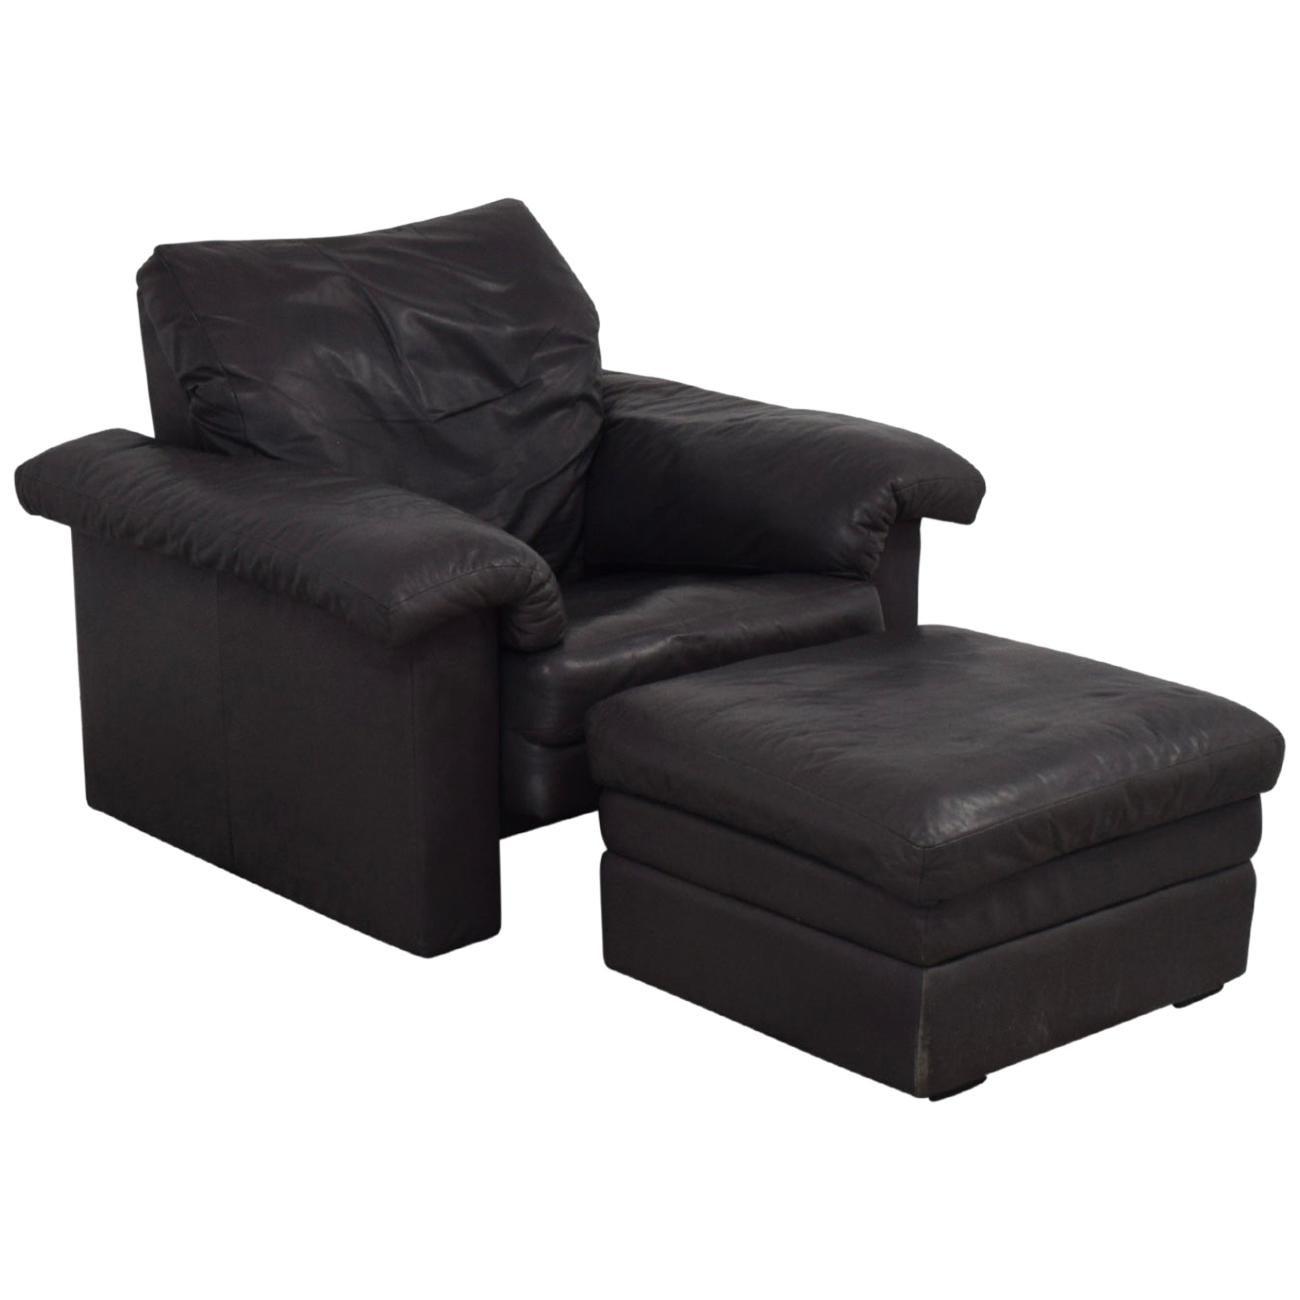 Adjustable Headrest Aubergine Leather Rolf Benz Armchair and Ottoman for Cy Mann